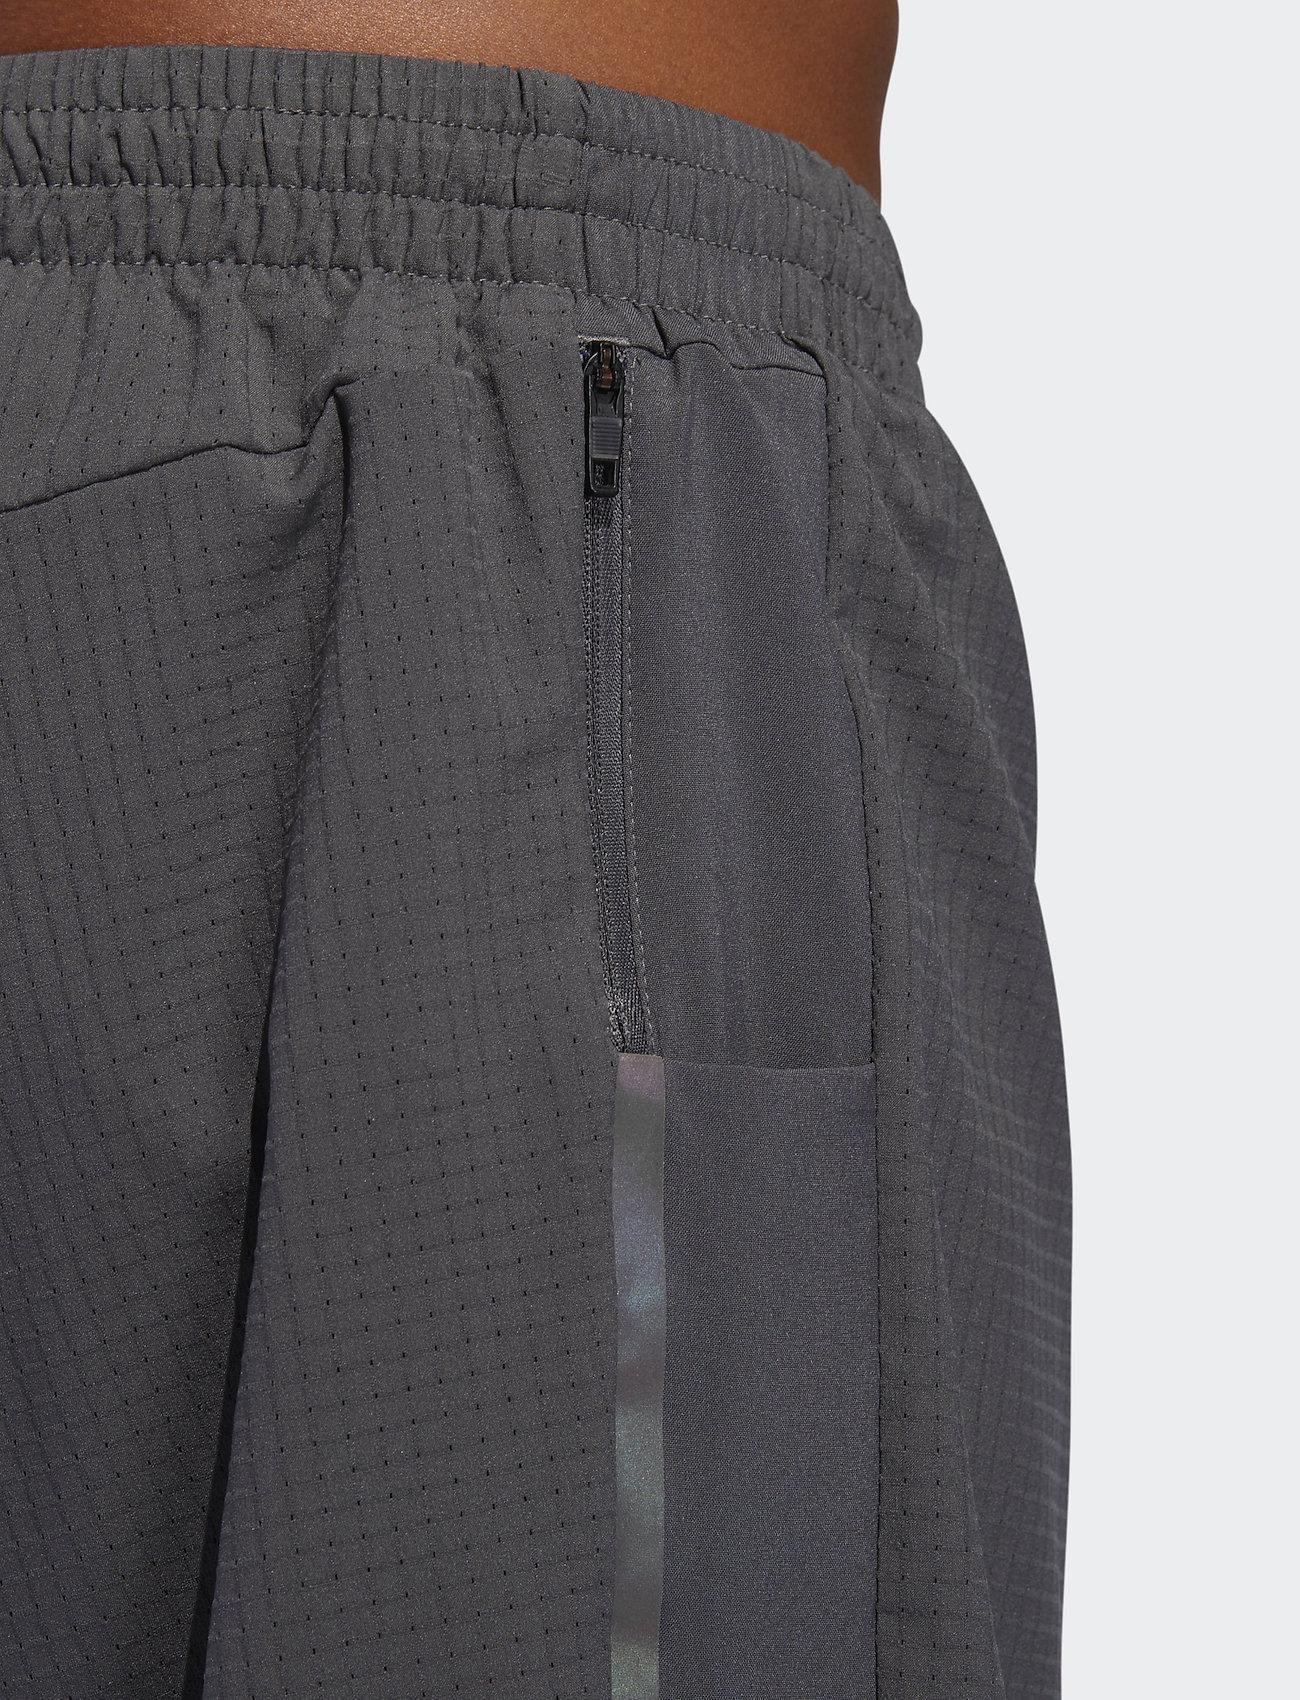 Särskild rabattSaturday Short Gresix 299.25 adidas Performance AldI4 dnRtO